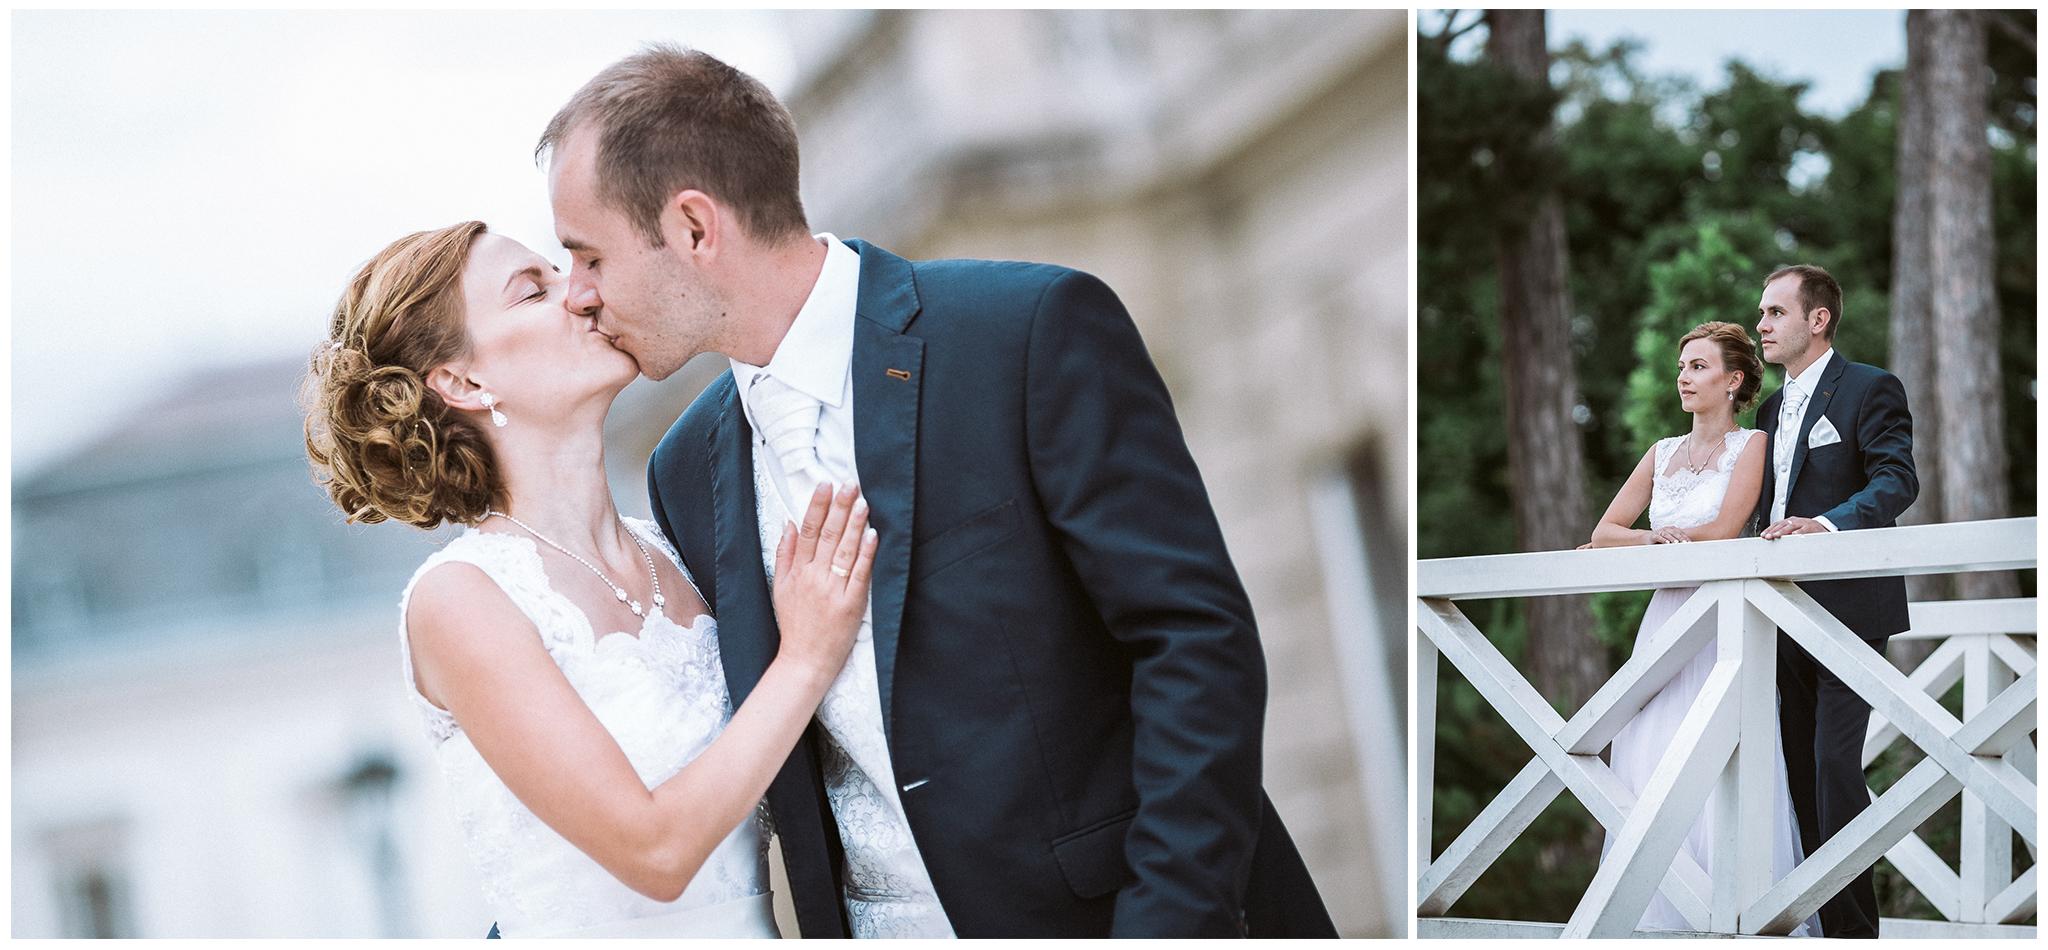 FylepPhoto, esküvőfotós, esküvői fotós Körmend, Szombathely, esküvőfotózás, magyarország, vas megye, prémium, jegyesfotózás, Fülöp Péter, körmend, kreatív, fotográfus_08.jpg